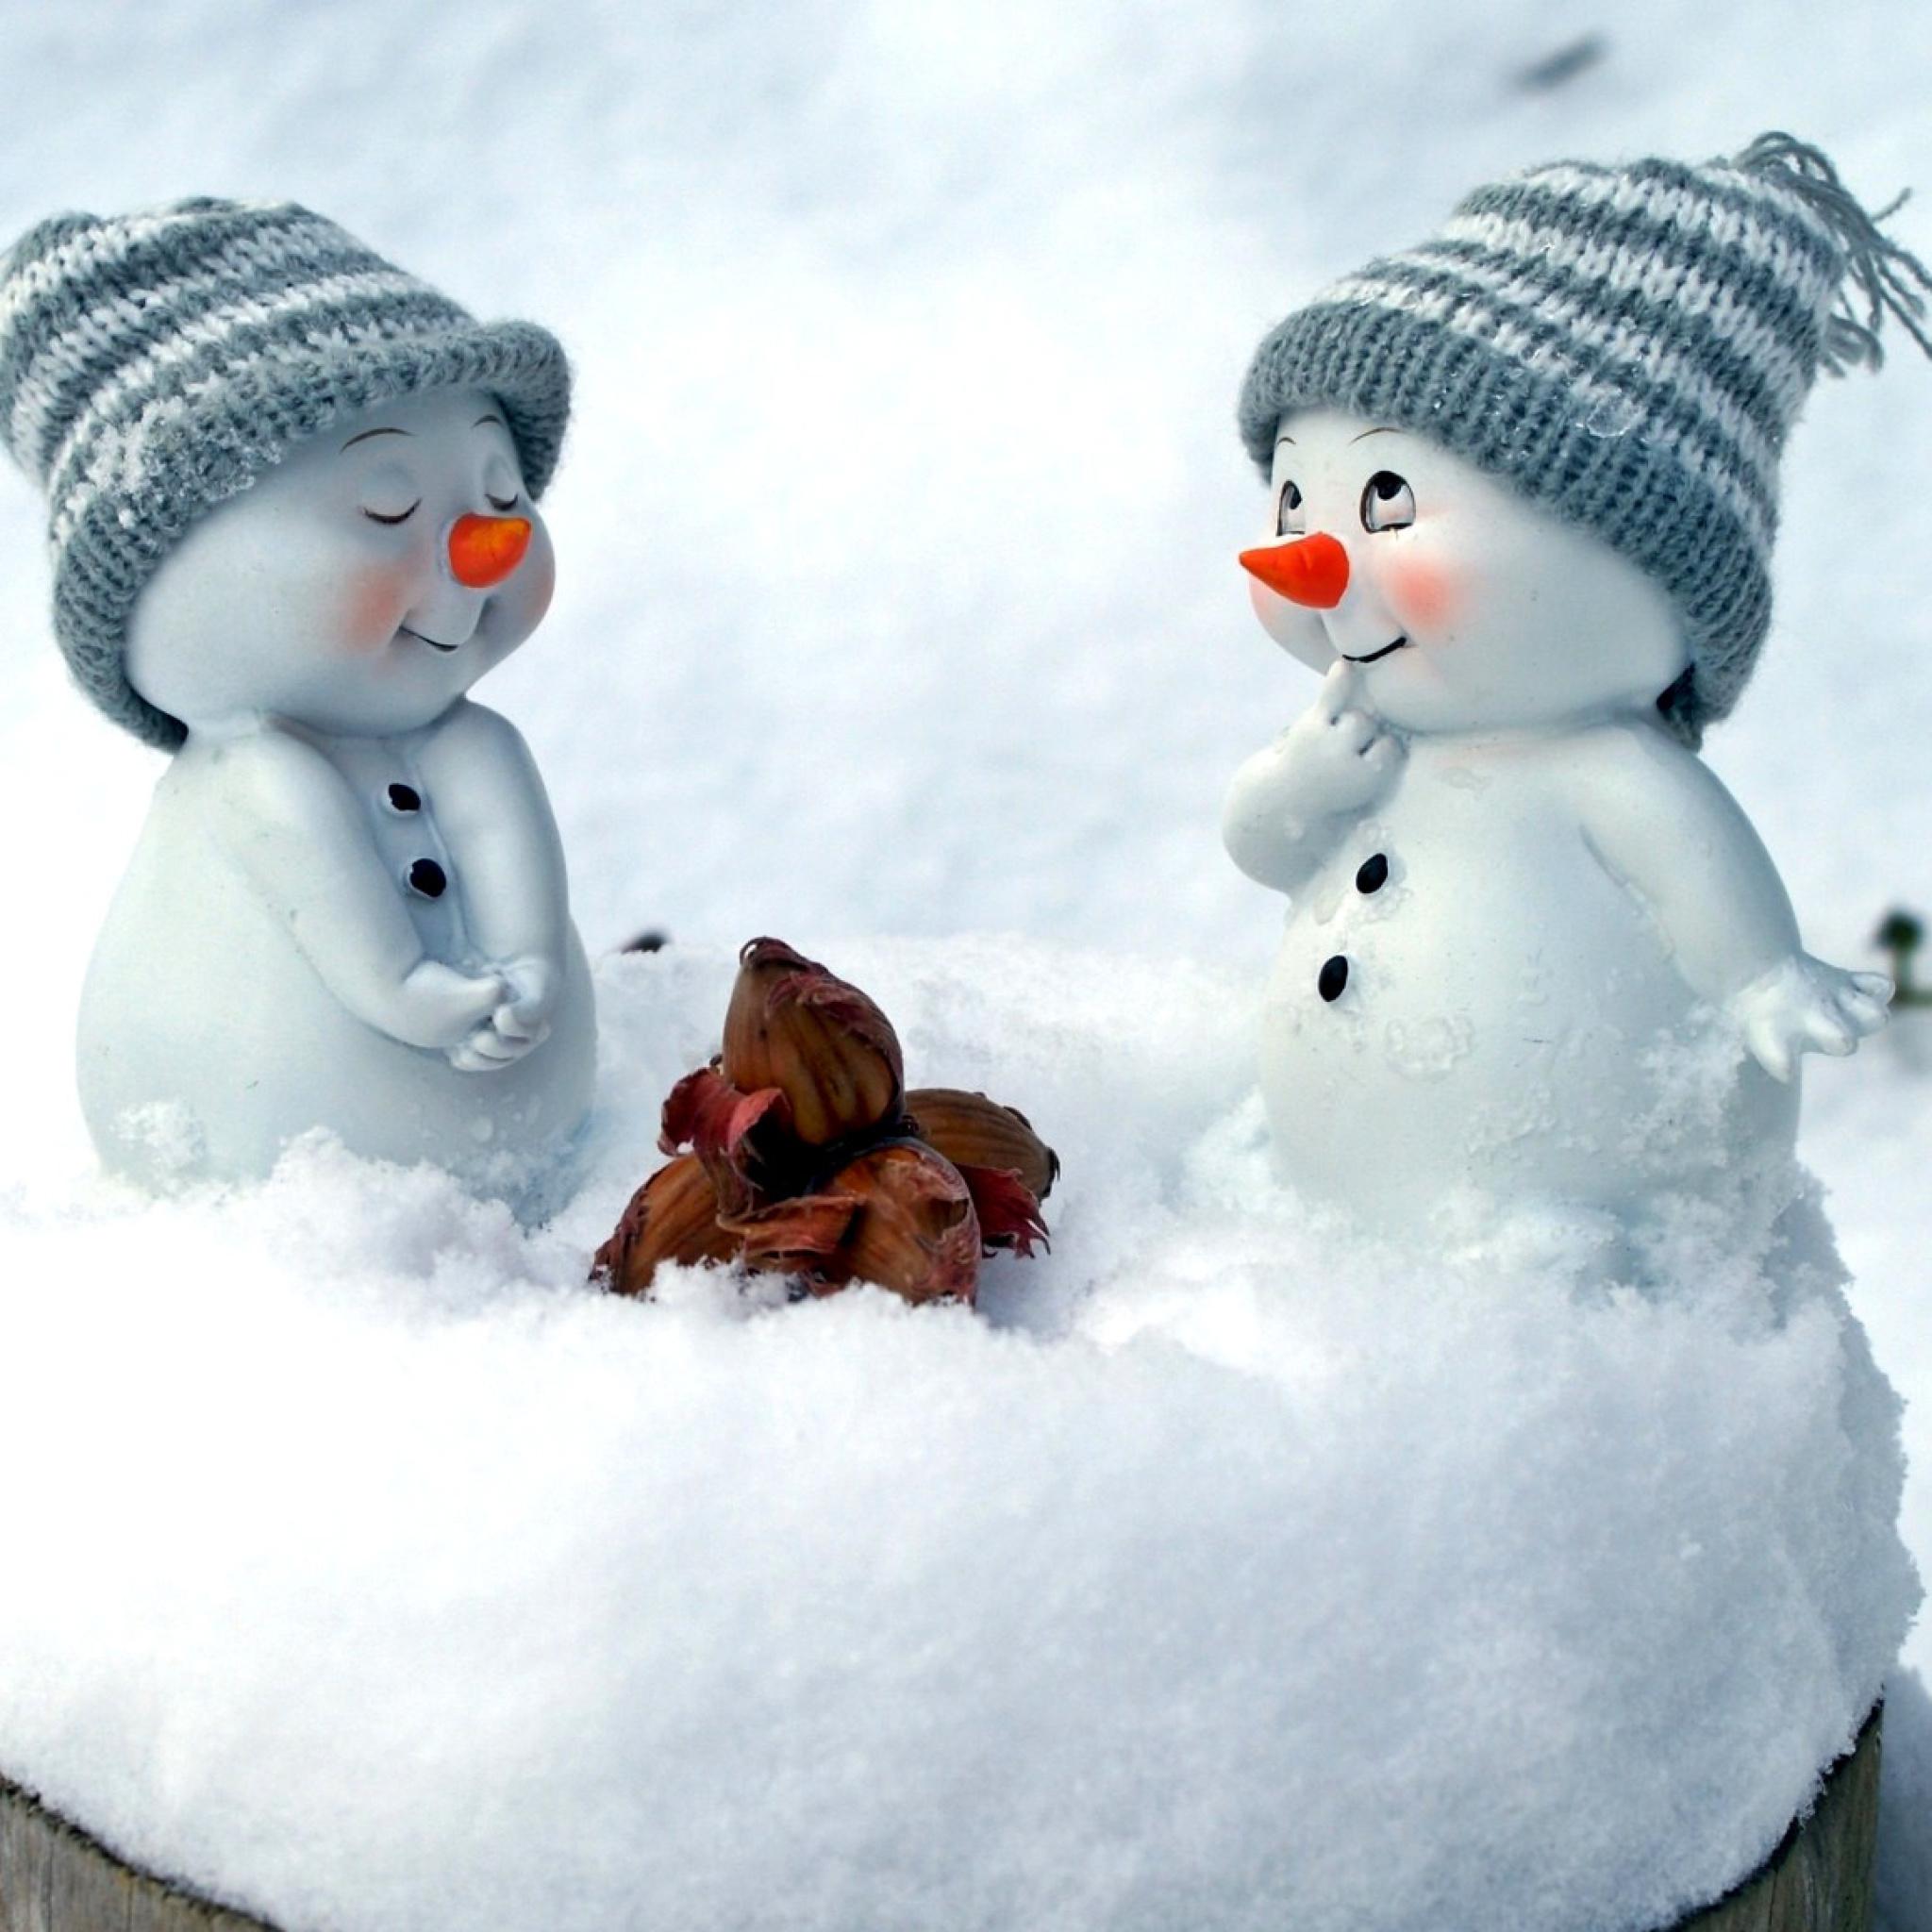 Прикольные картинки доброго зимнего утра и хорошего дня со снеговиками, открытое образование